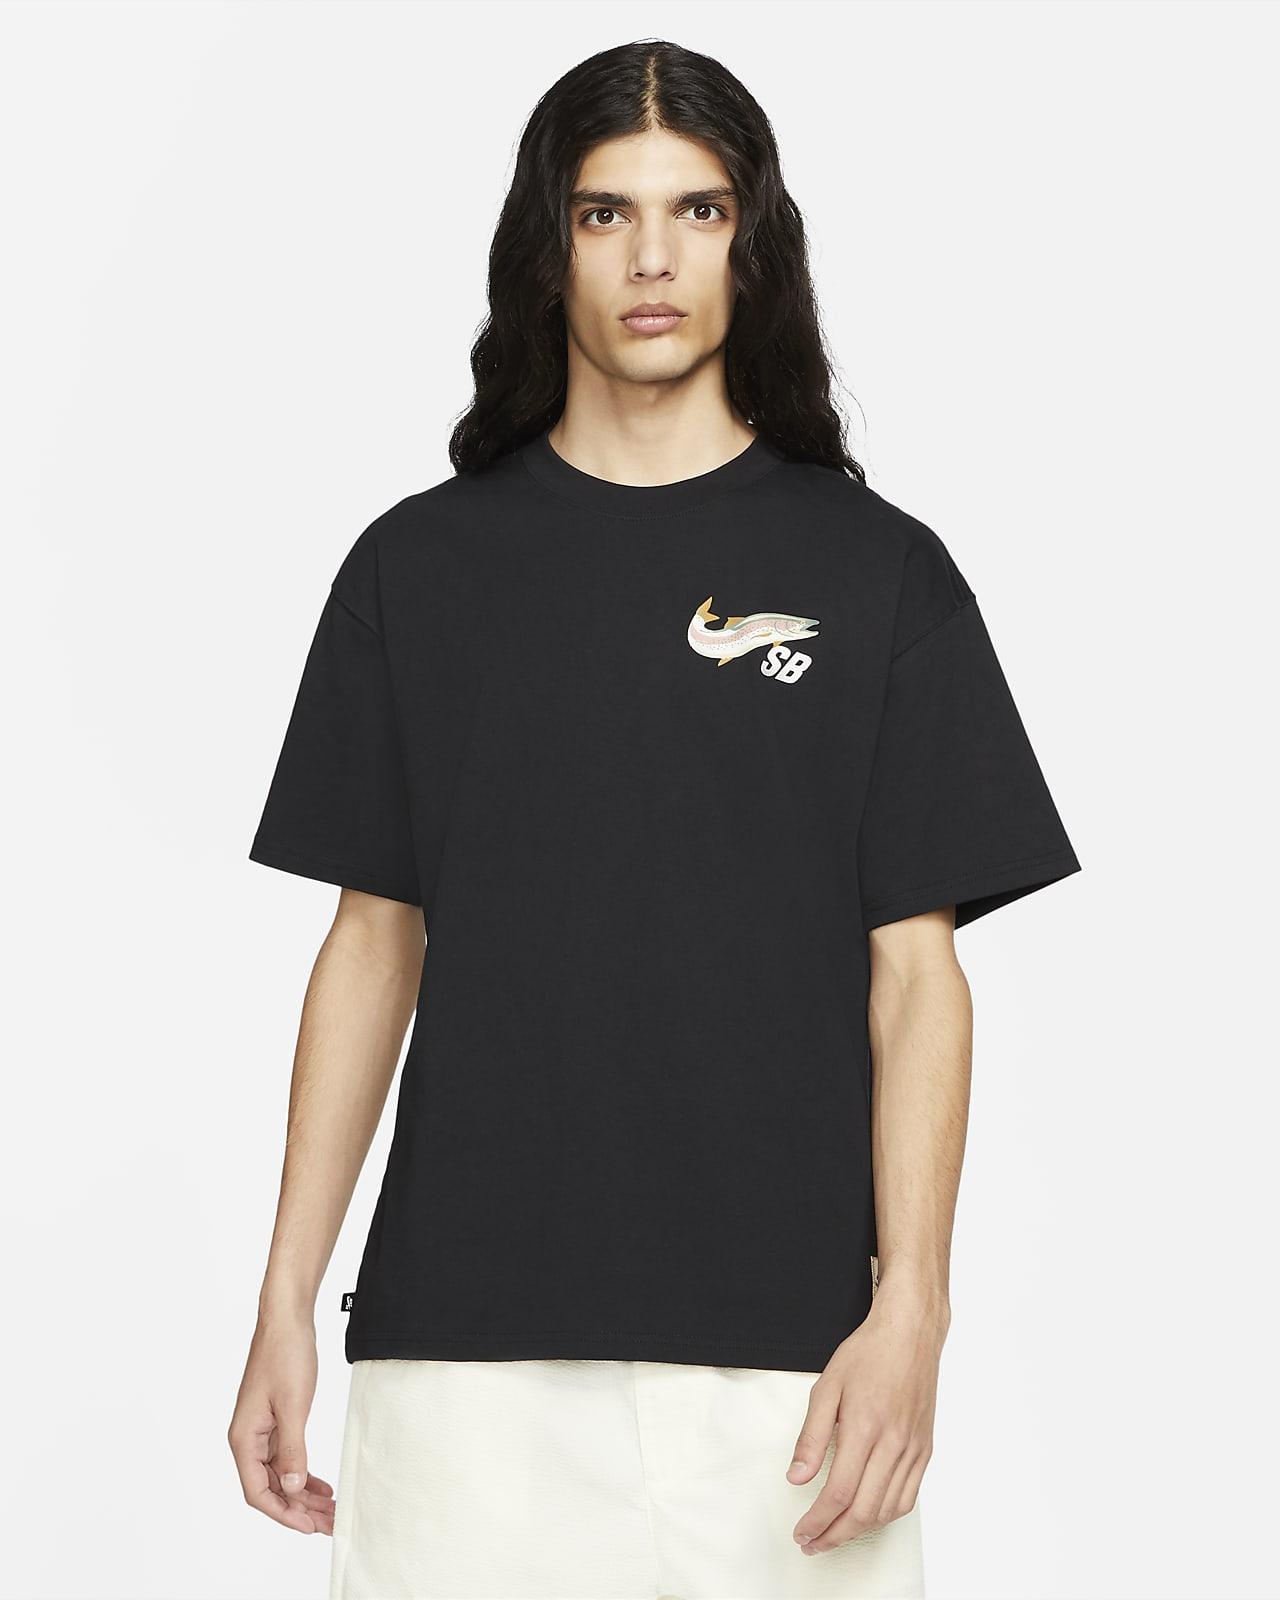 Nike SB Daan Van Der Linden skate-T-skjorte